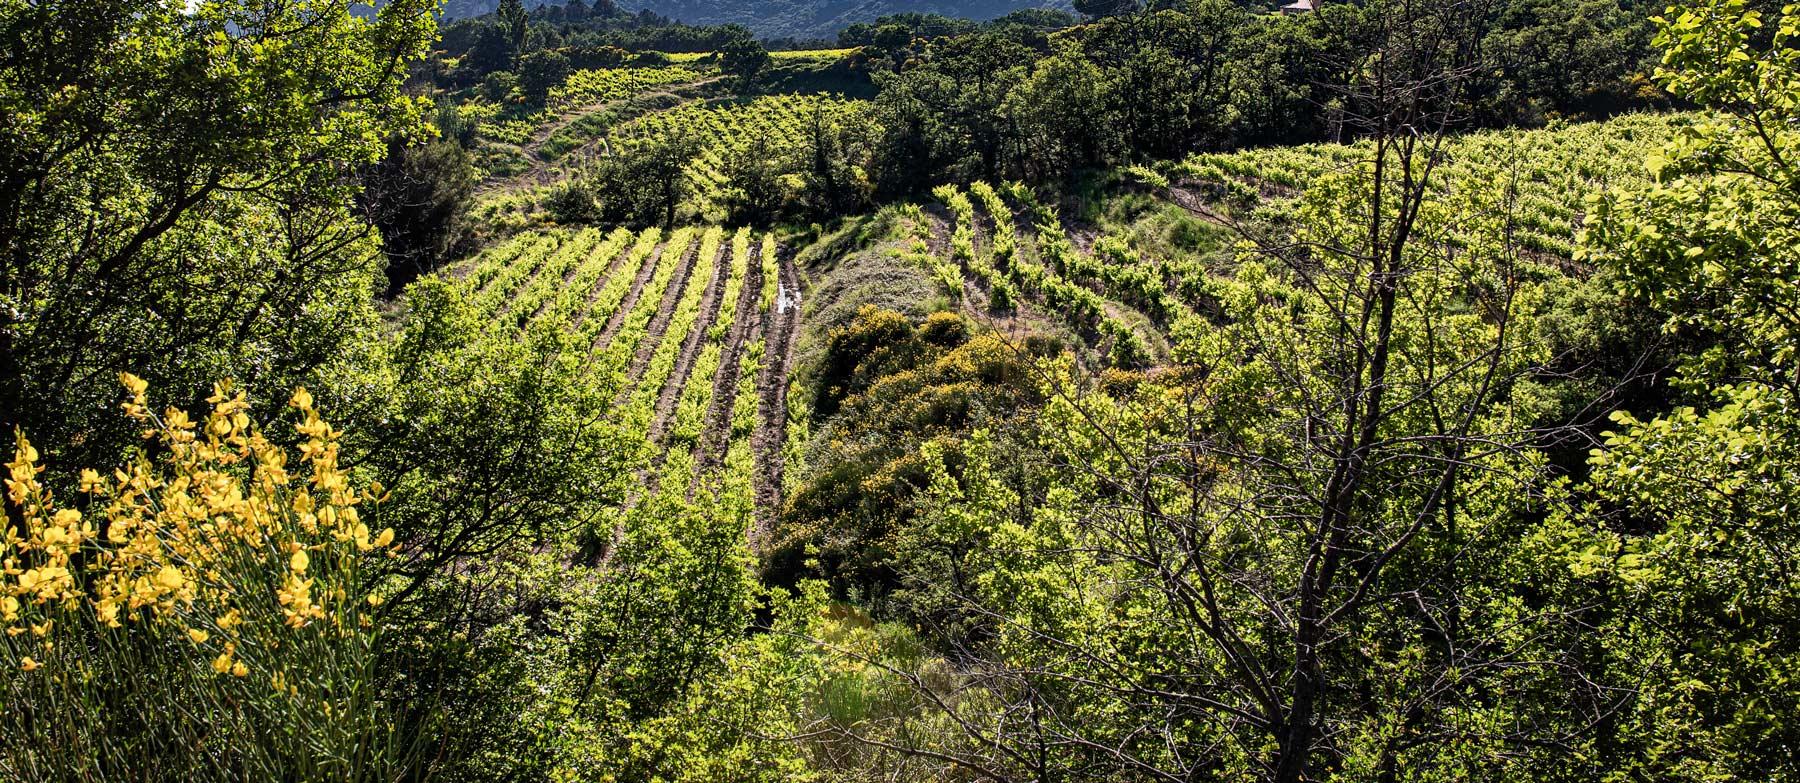 Die Weinberge der Domaine de Cassan liegen im Hinterland verborgen